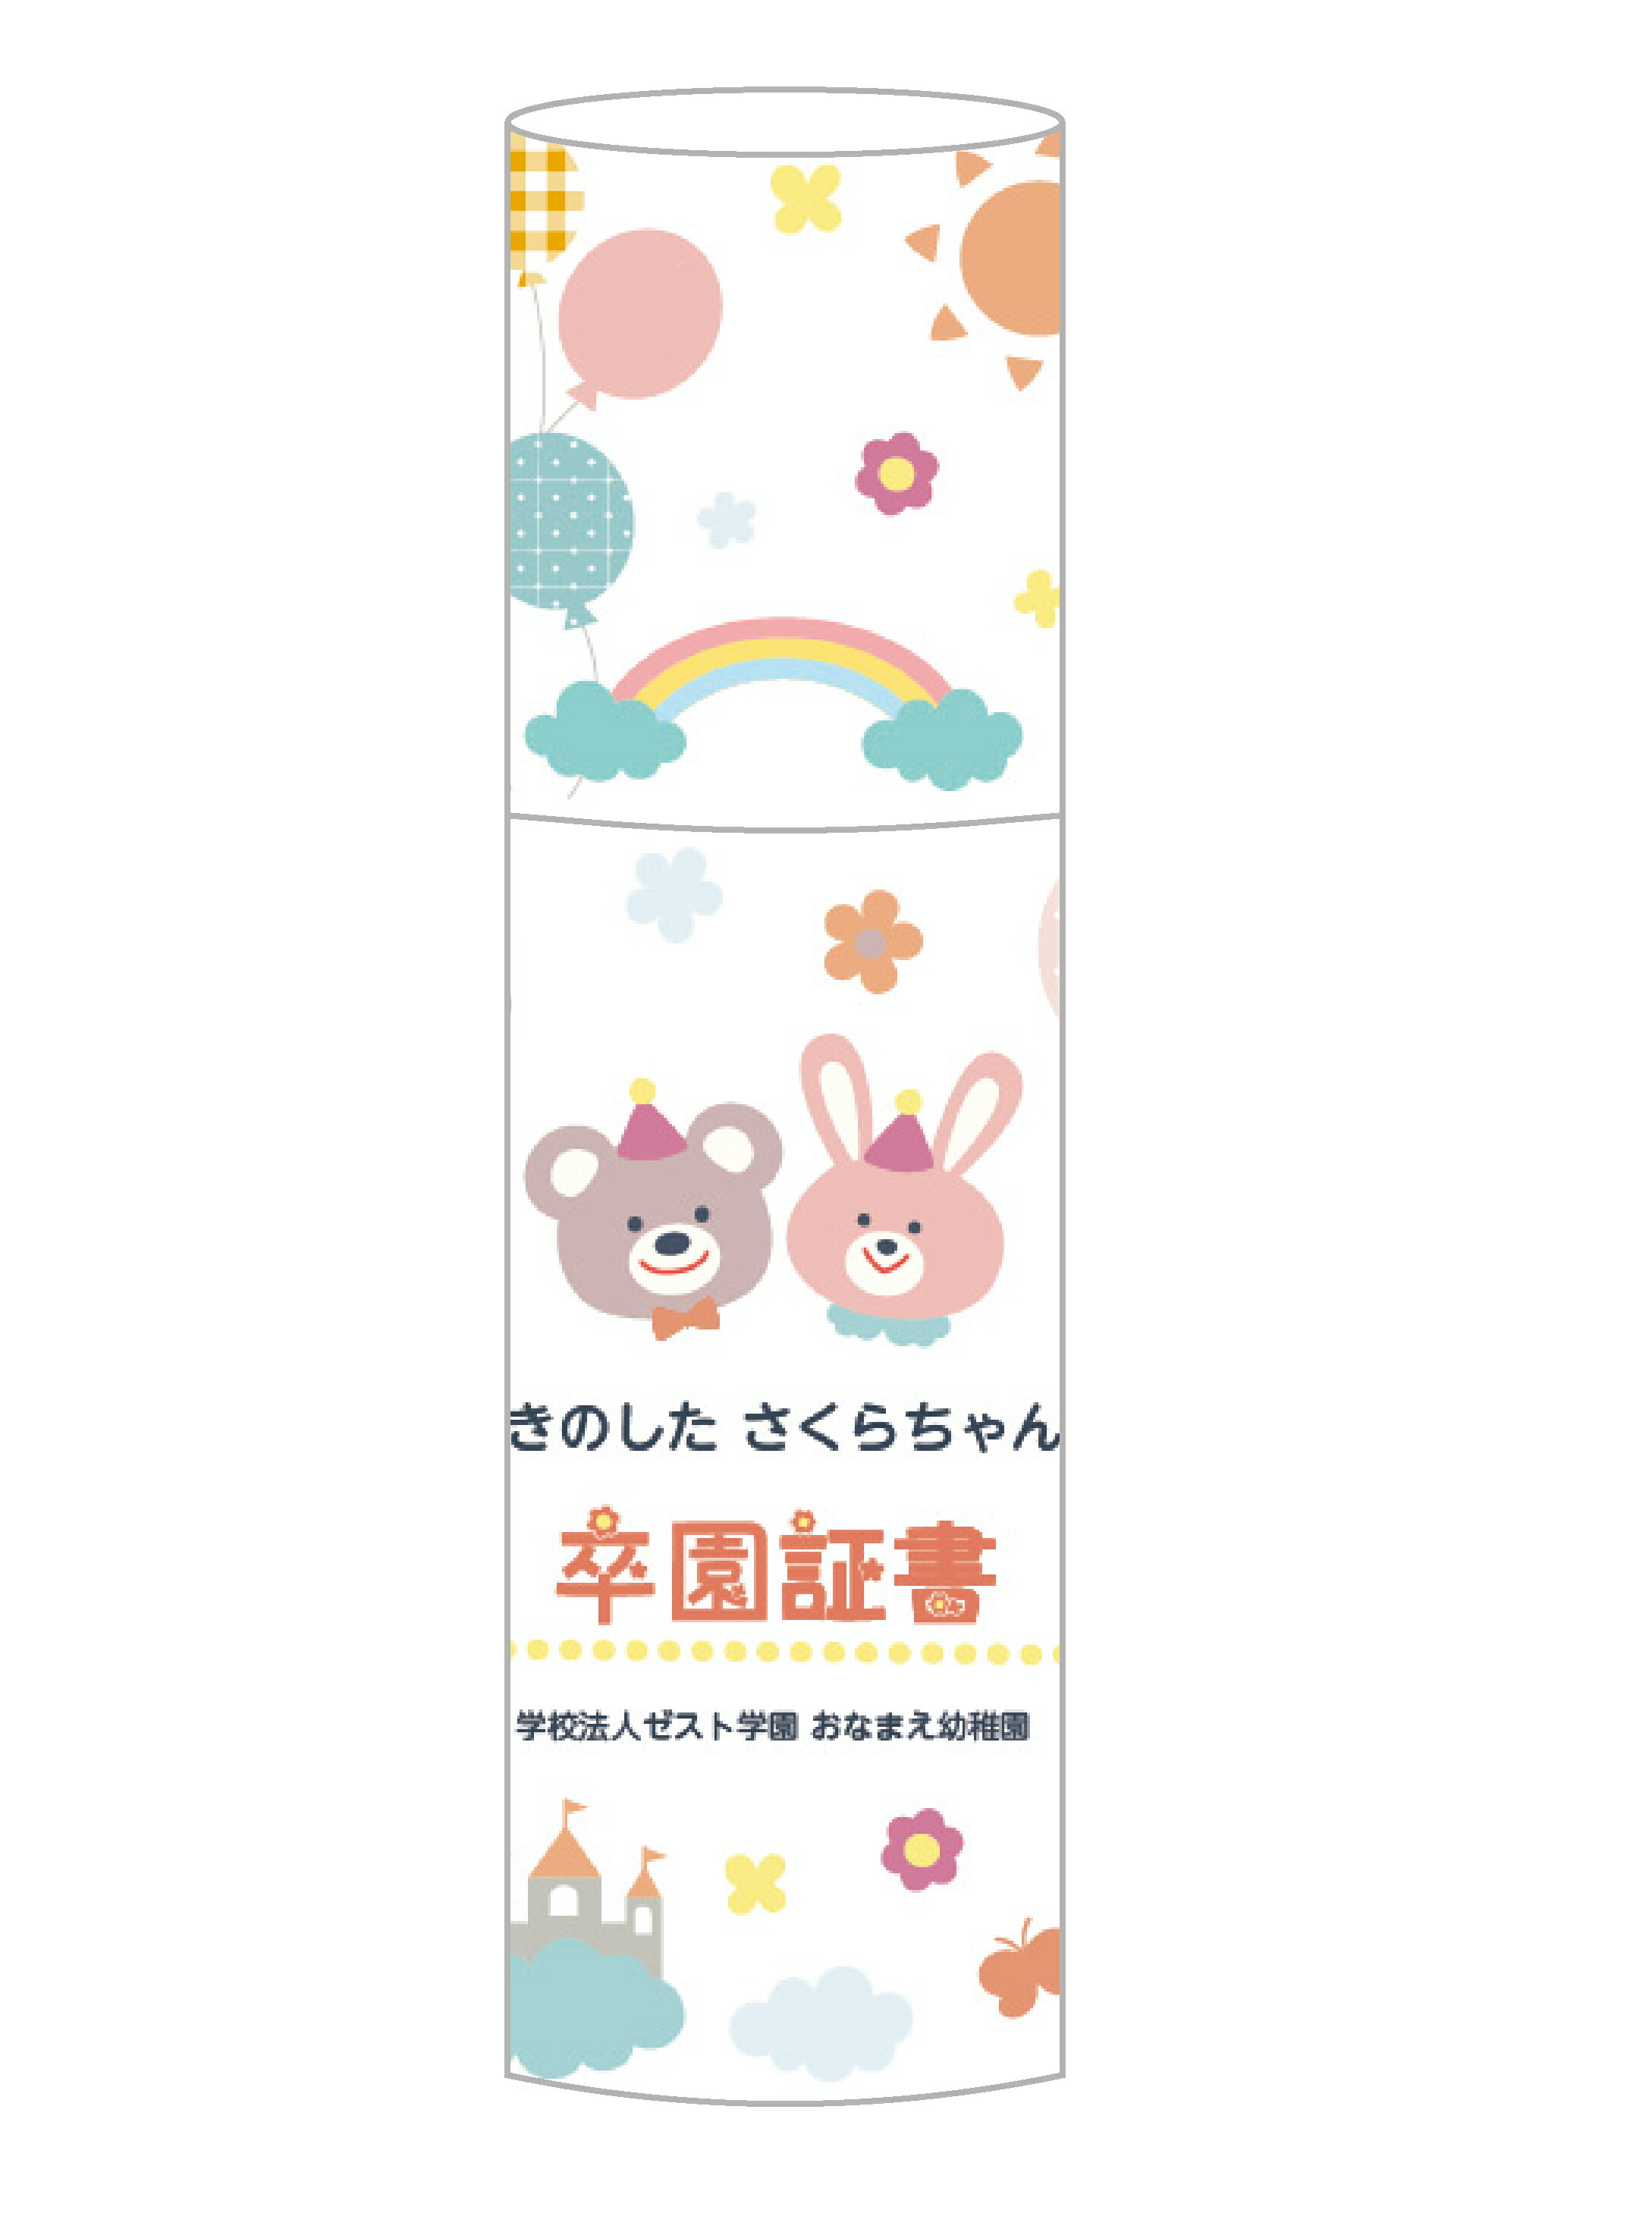 02デザイン_卒園証書